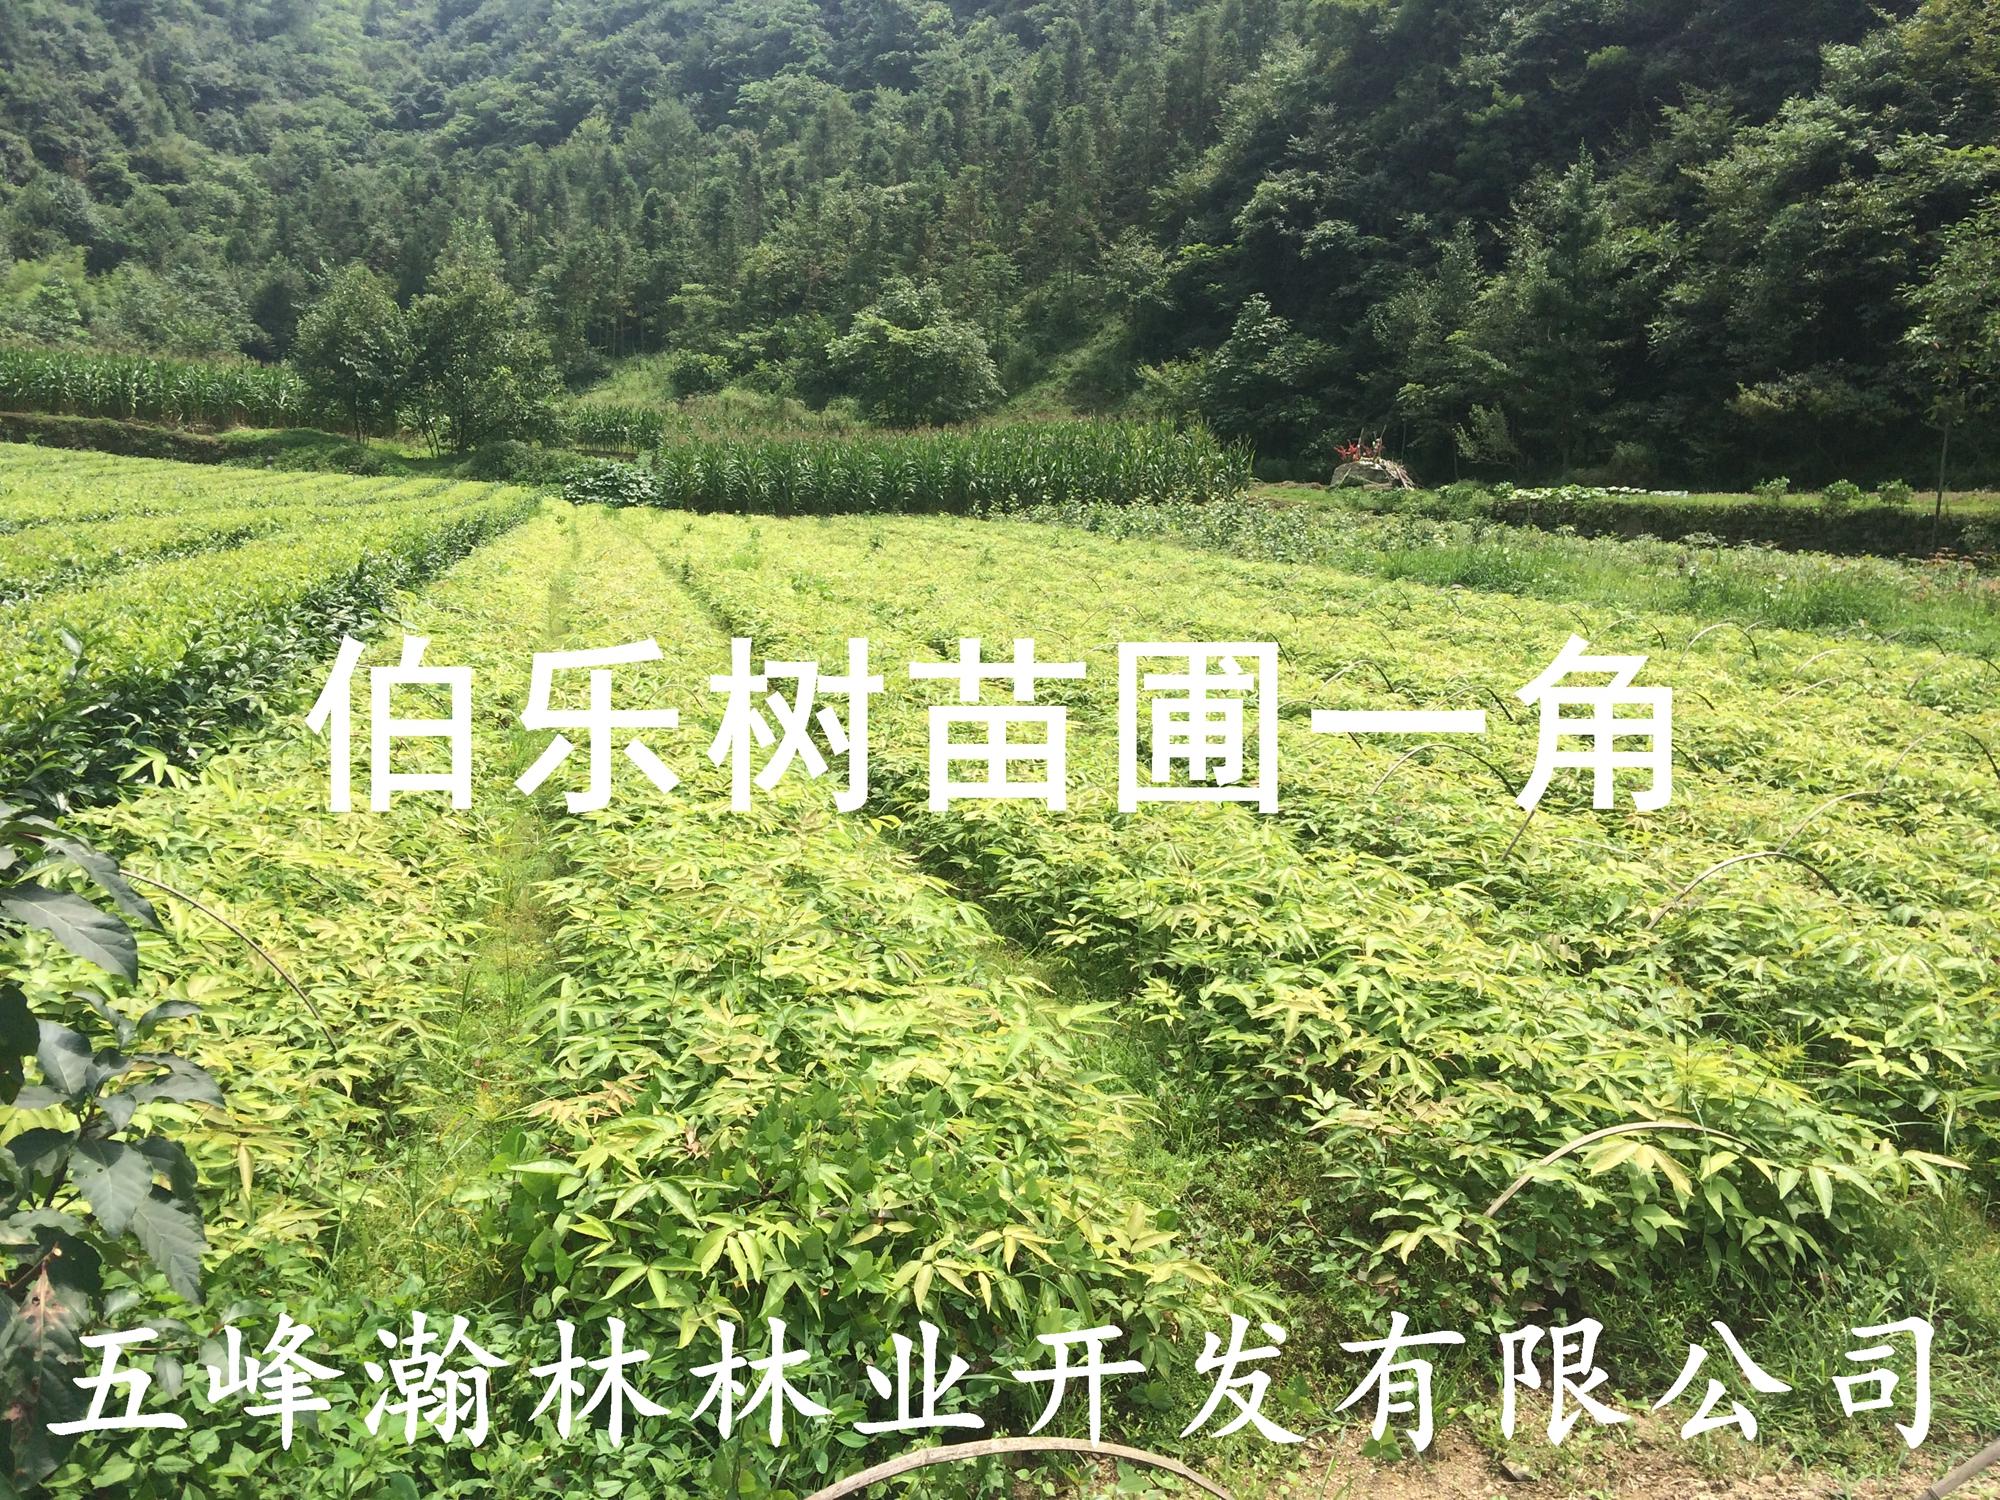 壁纸 成片种植 风景 植物 种植基地 桌面 2000_1500